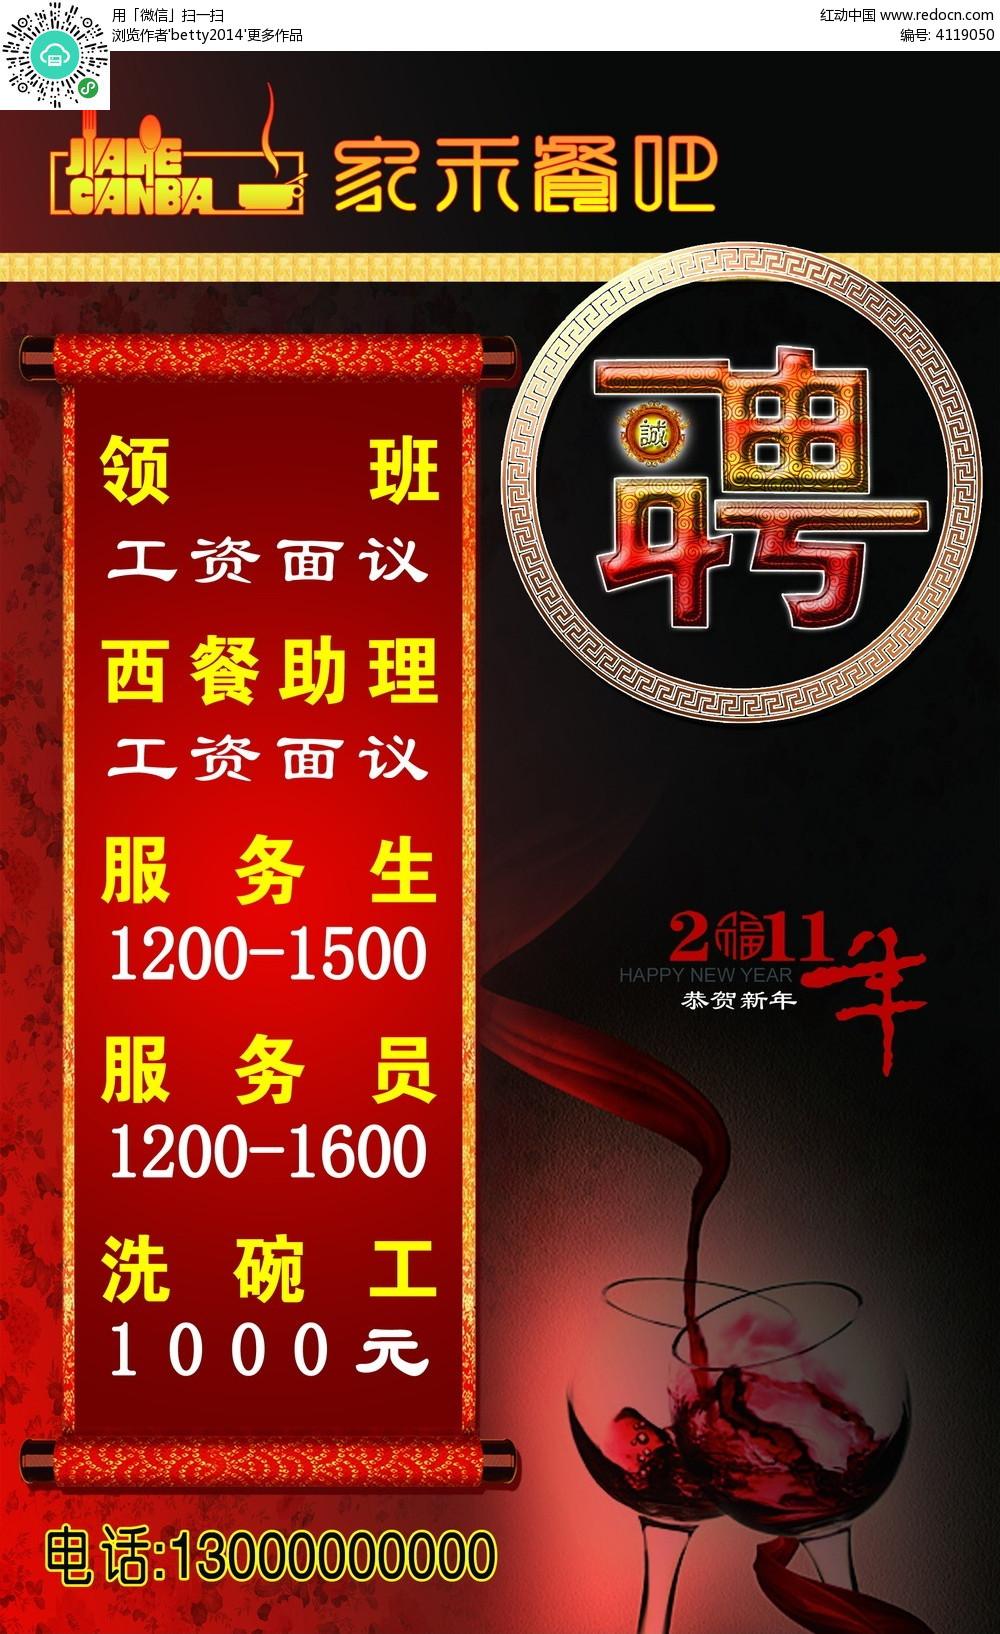 餐厅招聘海报PSD素材免费下载 编号4119050 红动网图片